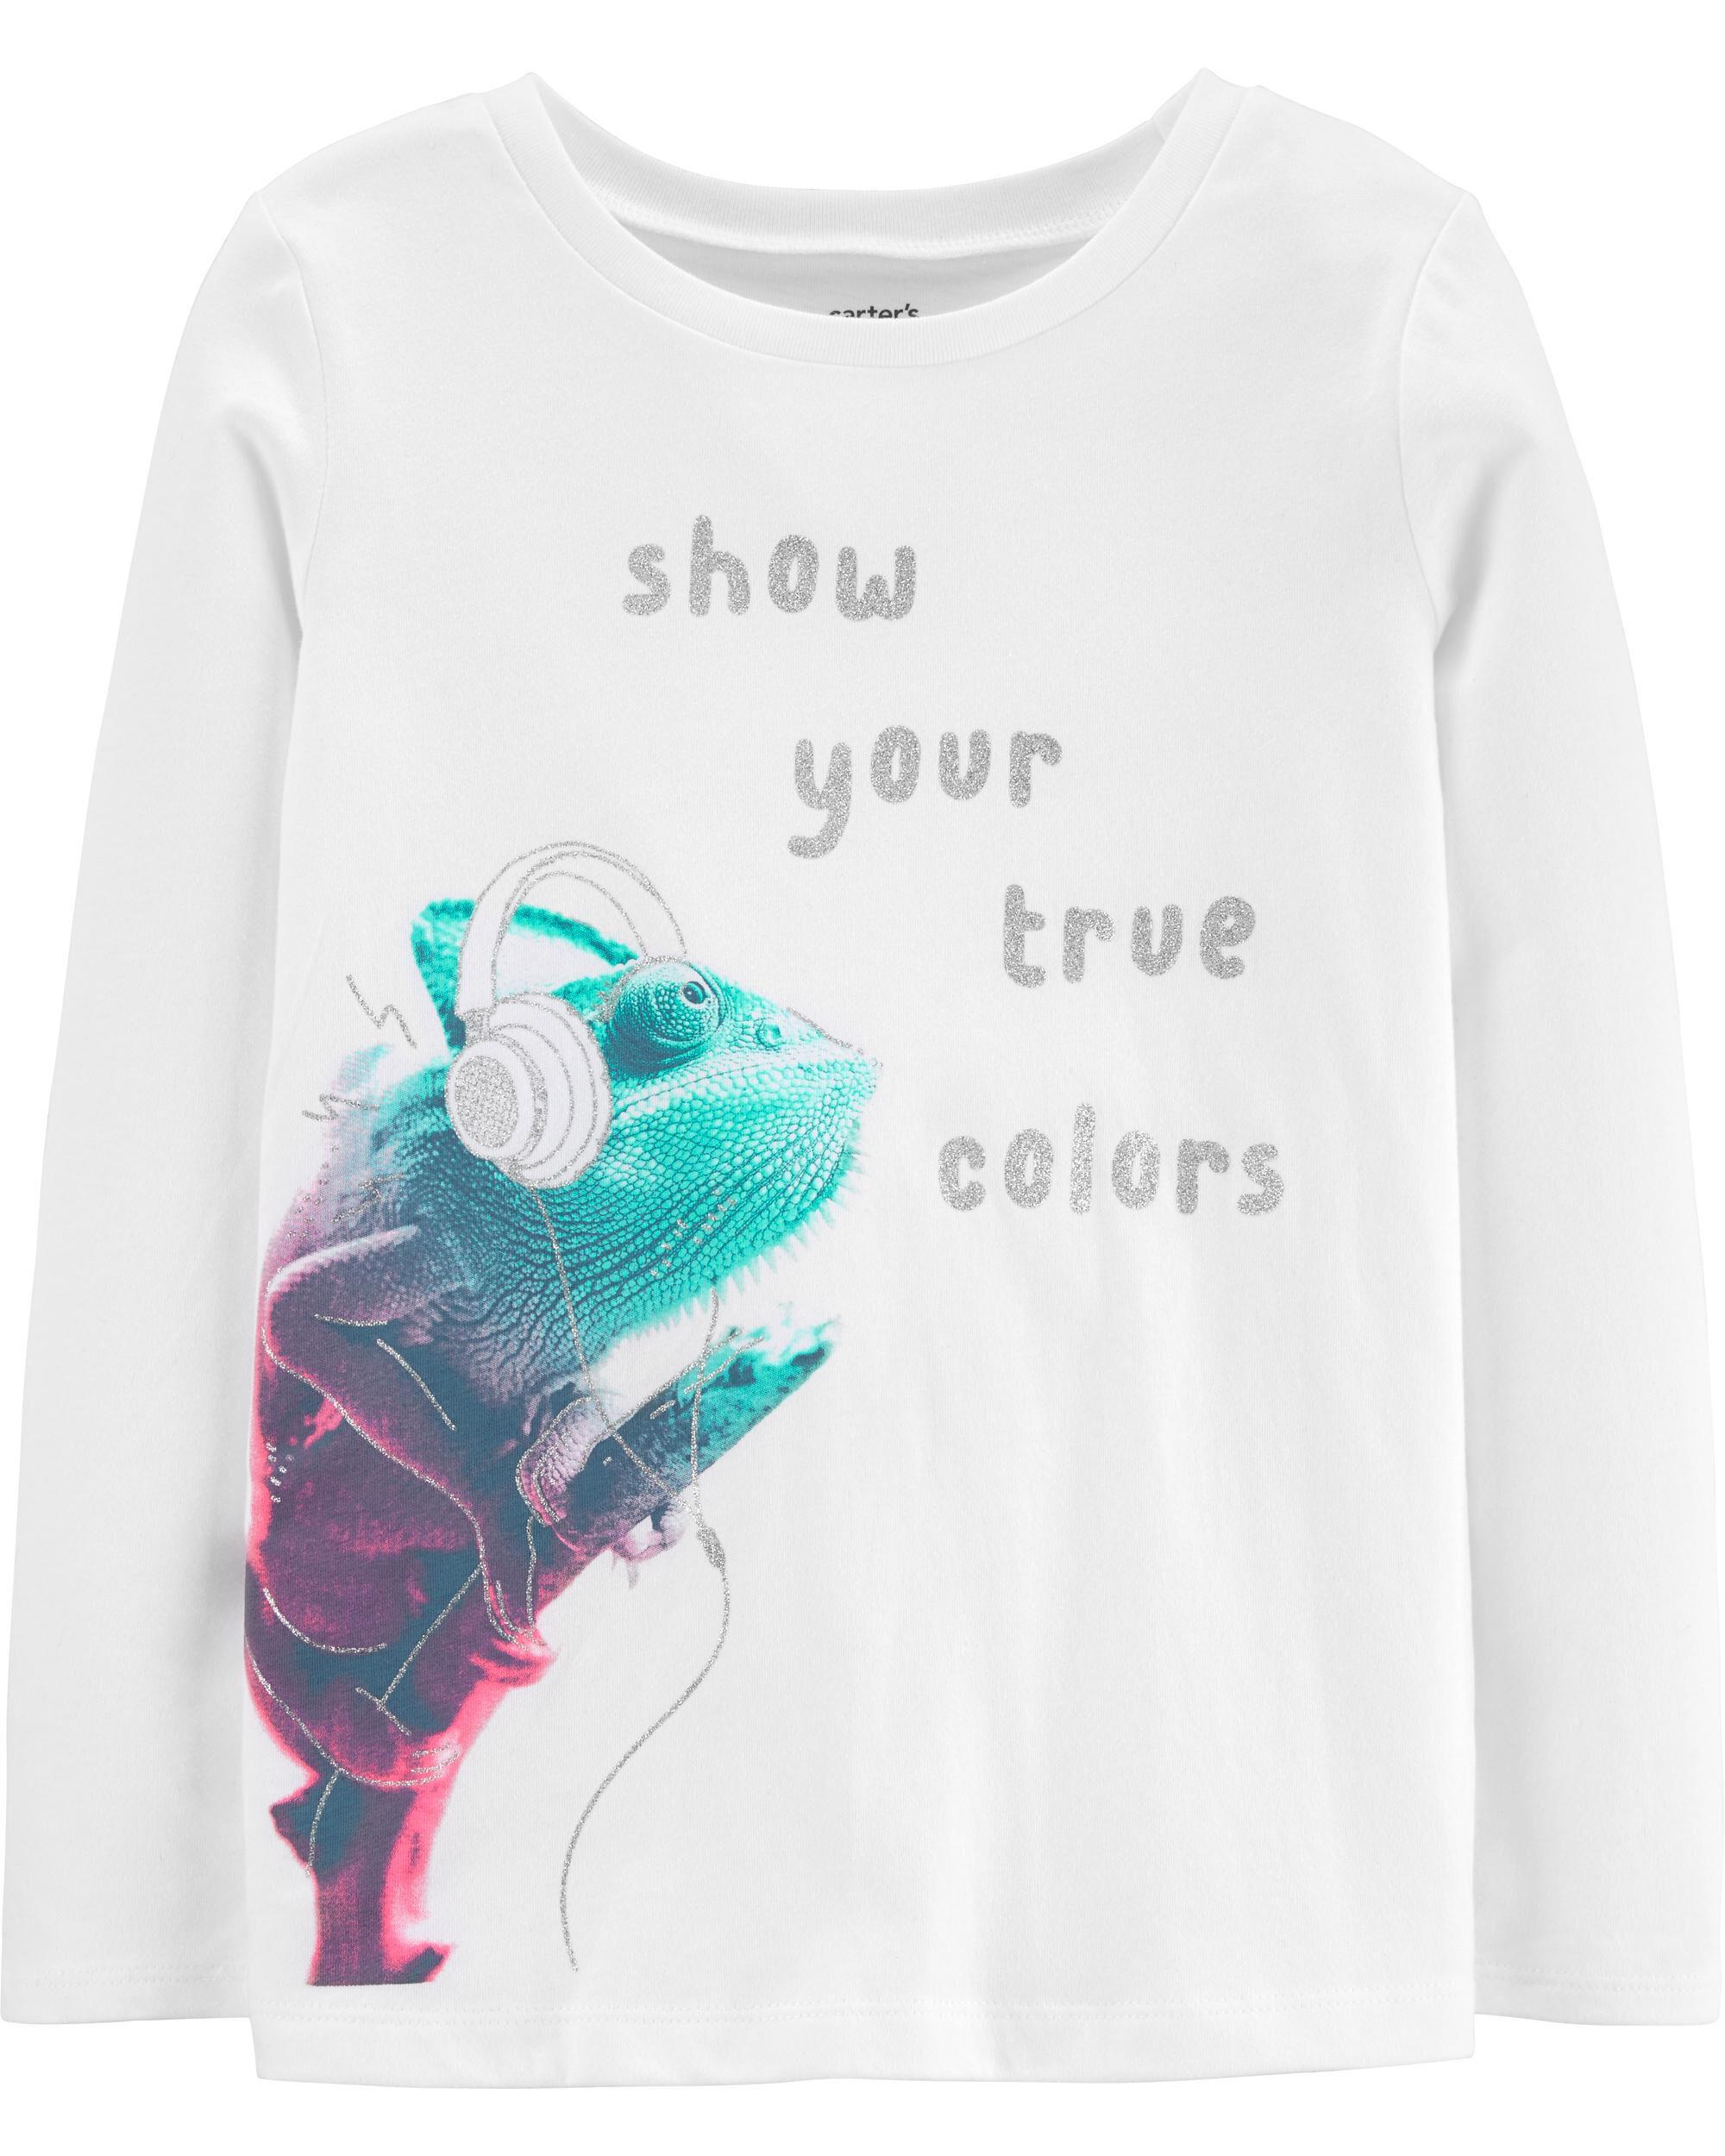 *DOORBUSTER* True Colors Iguana Jersey Tee